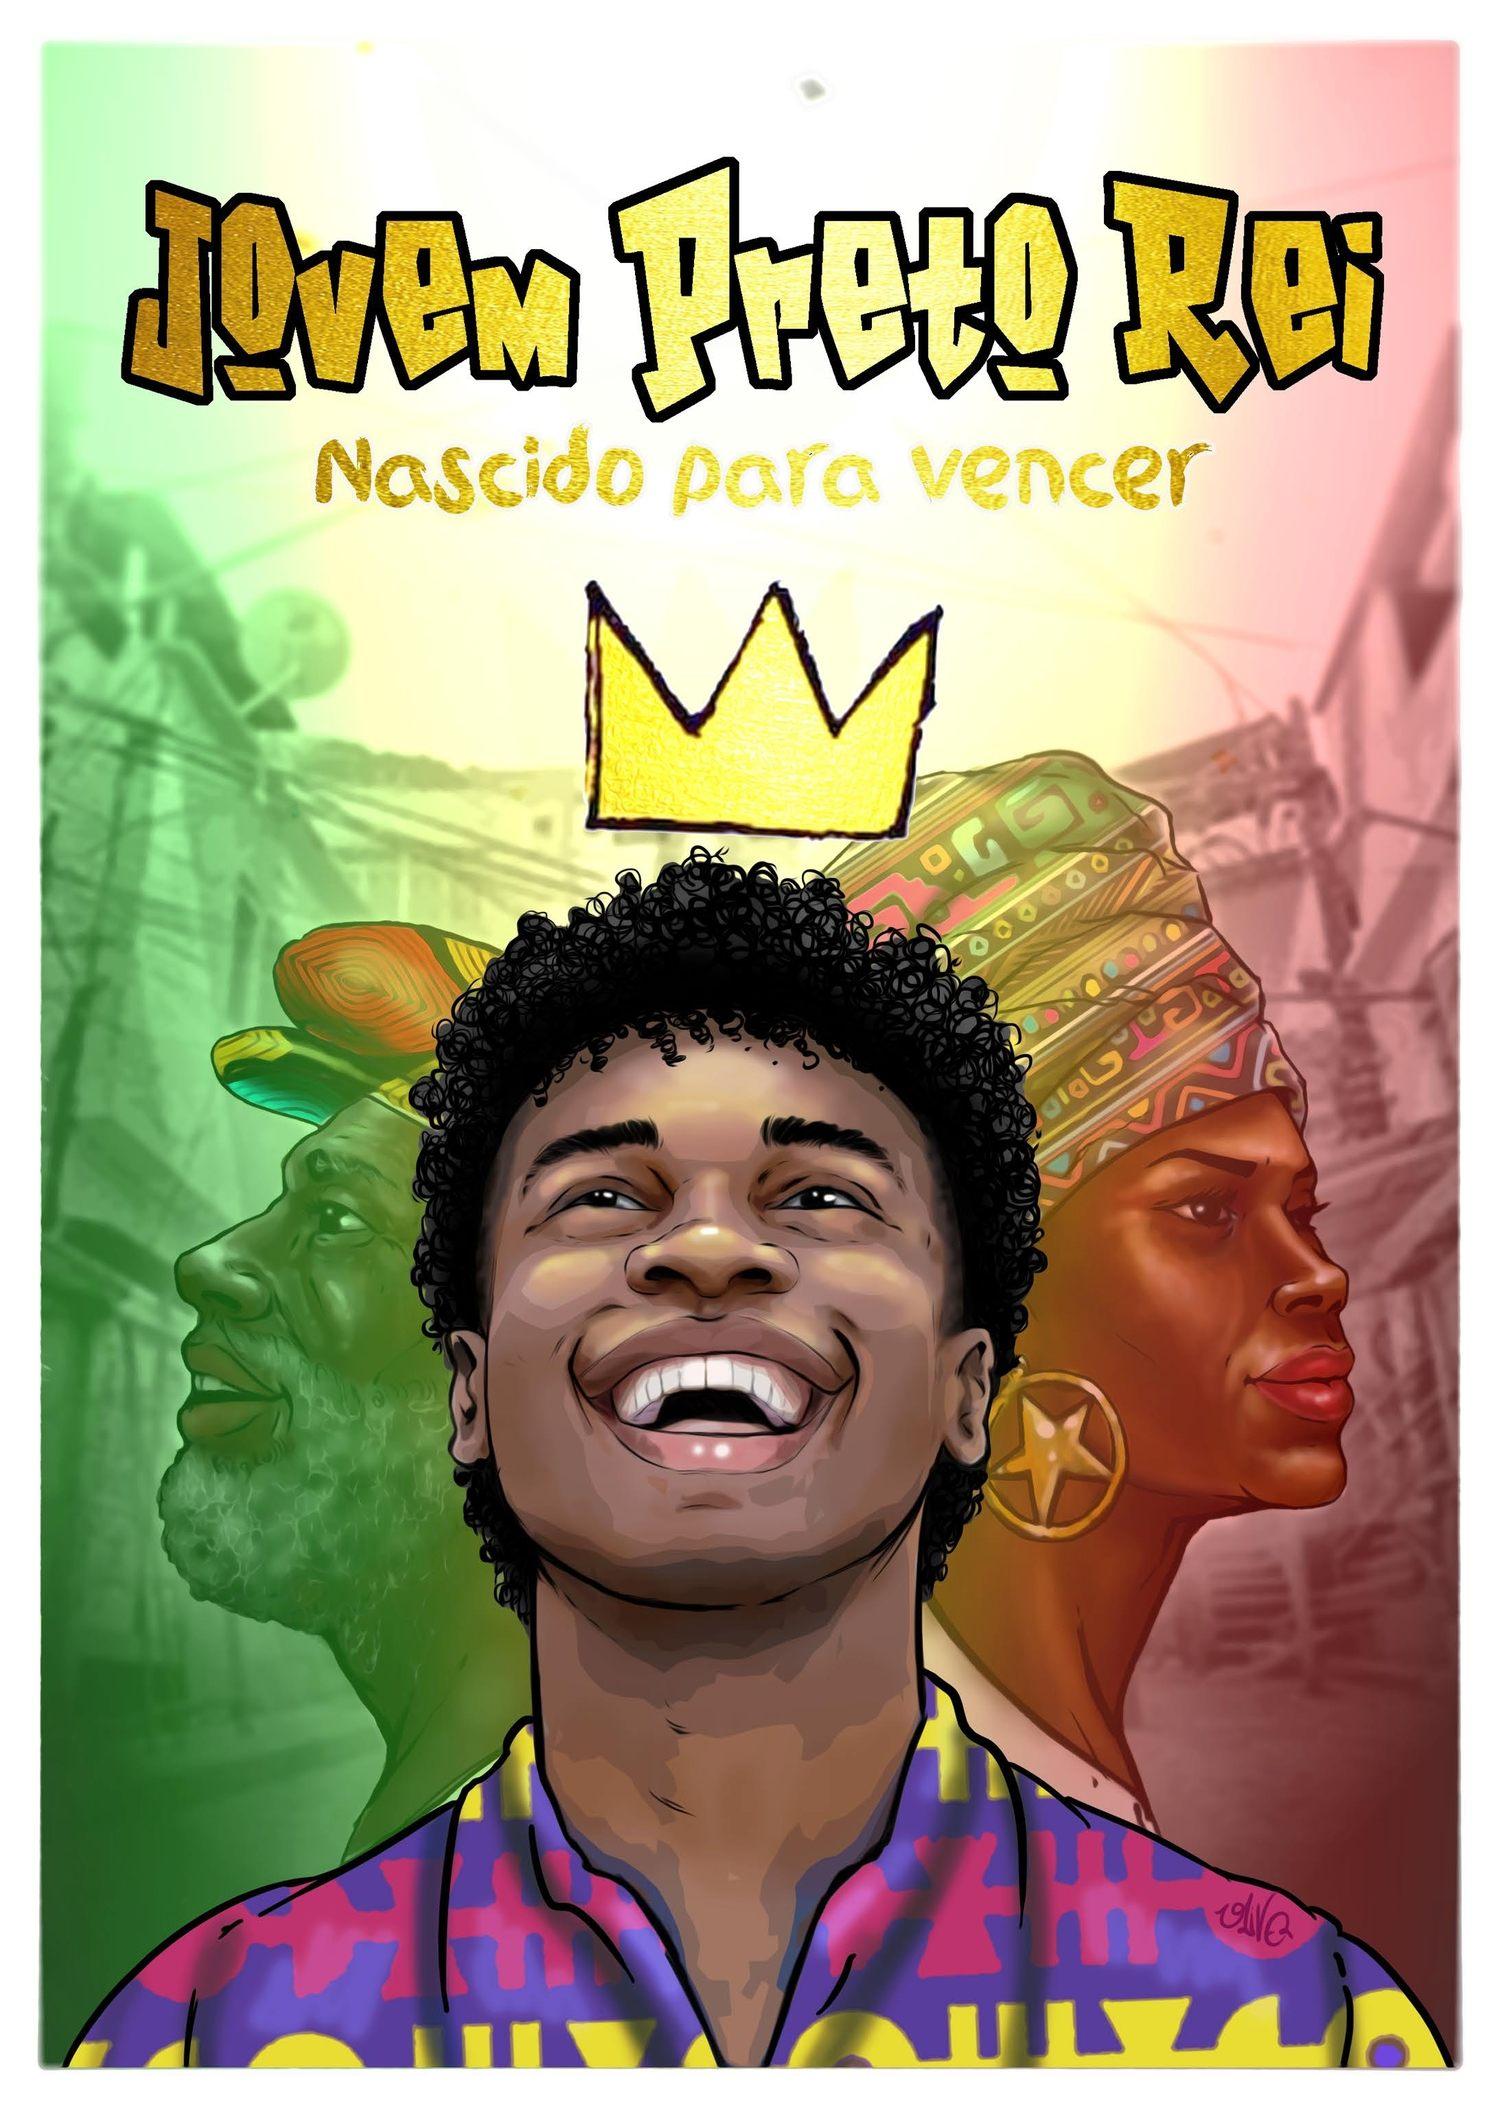 Jovem Preto Rei - nascido para vencer